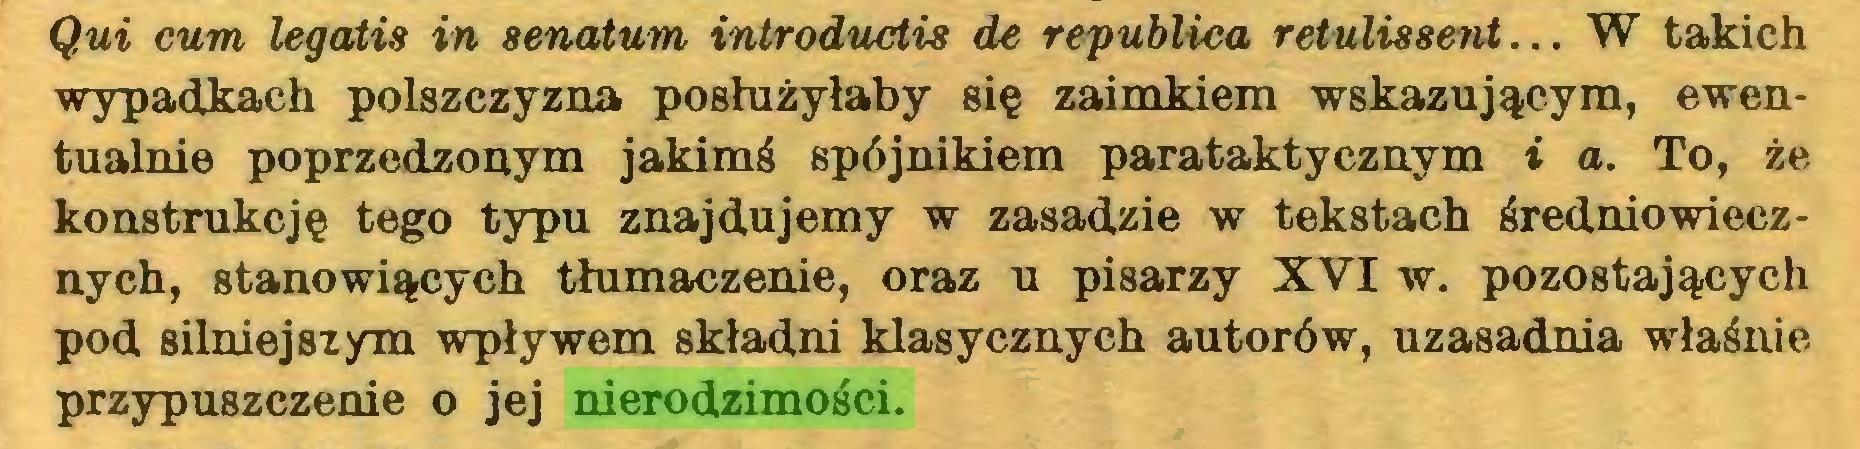 (...) Qui cum legatis in senatum introductis de republica retulissent... W takich wypadkach polszczyzna posłużyłaby się zaimkiem wskazującym, ewentualnie poprzedzonym jakimś spójnikiem parataktycznym i a. To, że konstrukcję tego typu znajdujemy w zasadzie w tekstach średniowiecznych, stanowiących tłumaczenie, oraz u pisarzy XVI w. pozostających pod silniejszym wpływem składni klasycznych autorów, uzasadnia właśnie przypuszczenie o jej nierodzimości...